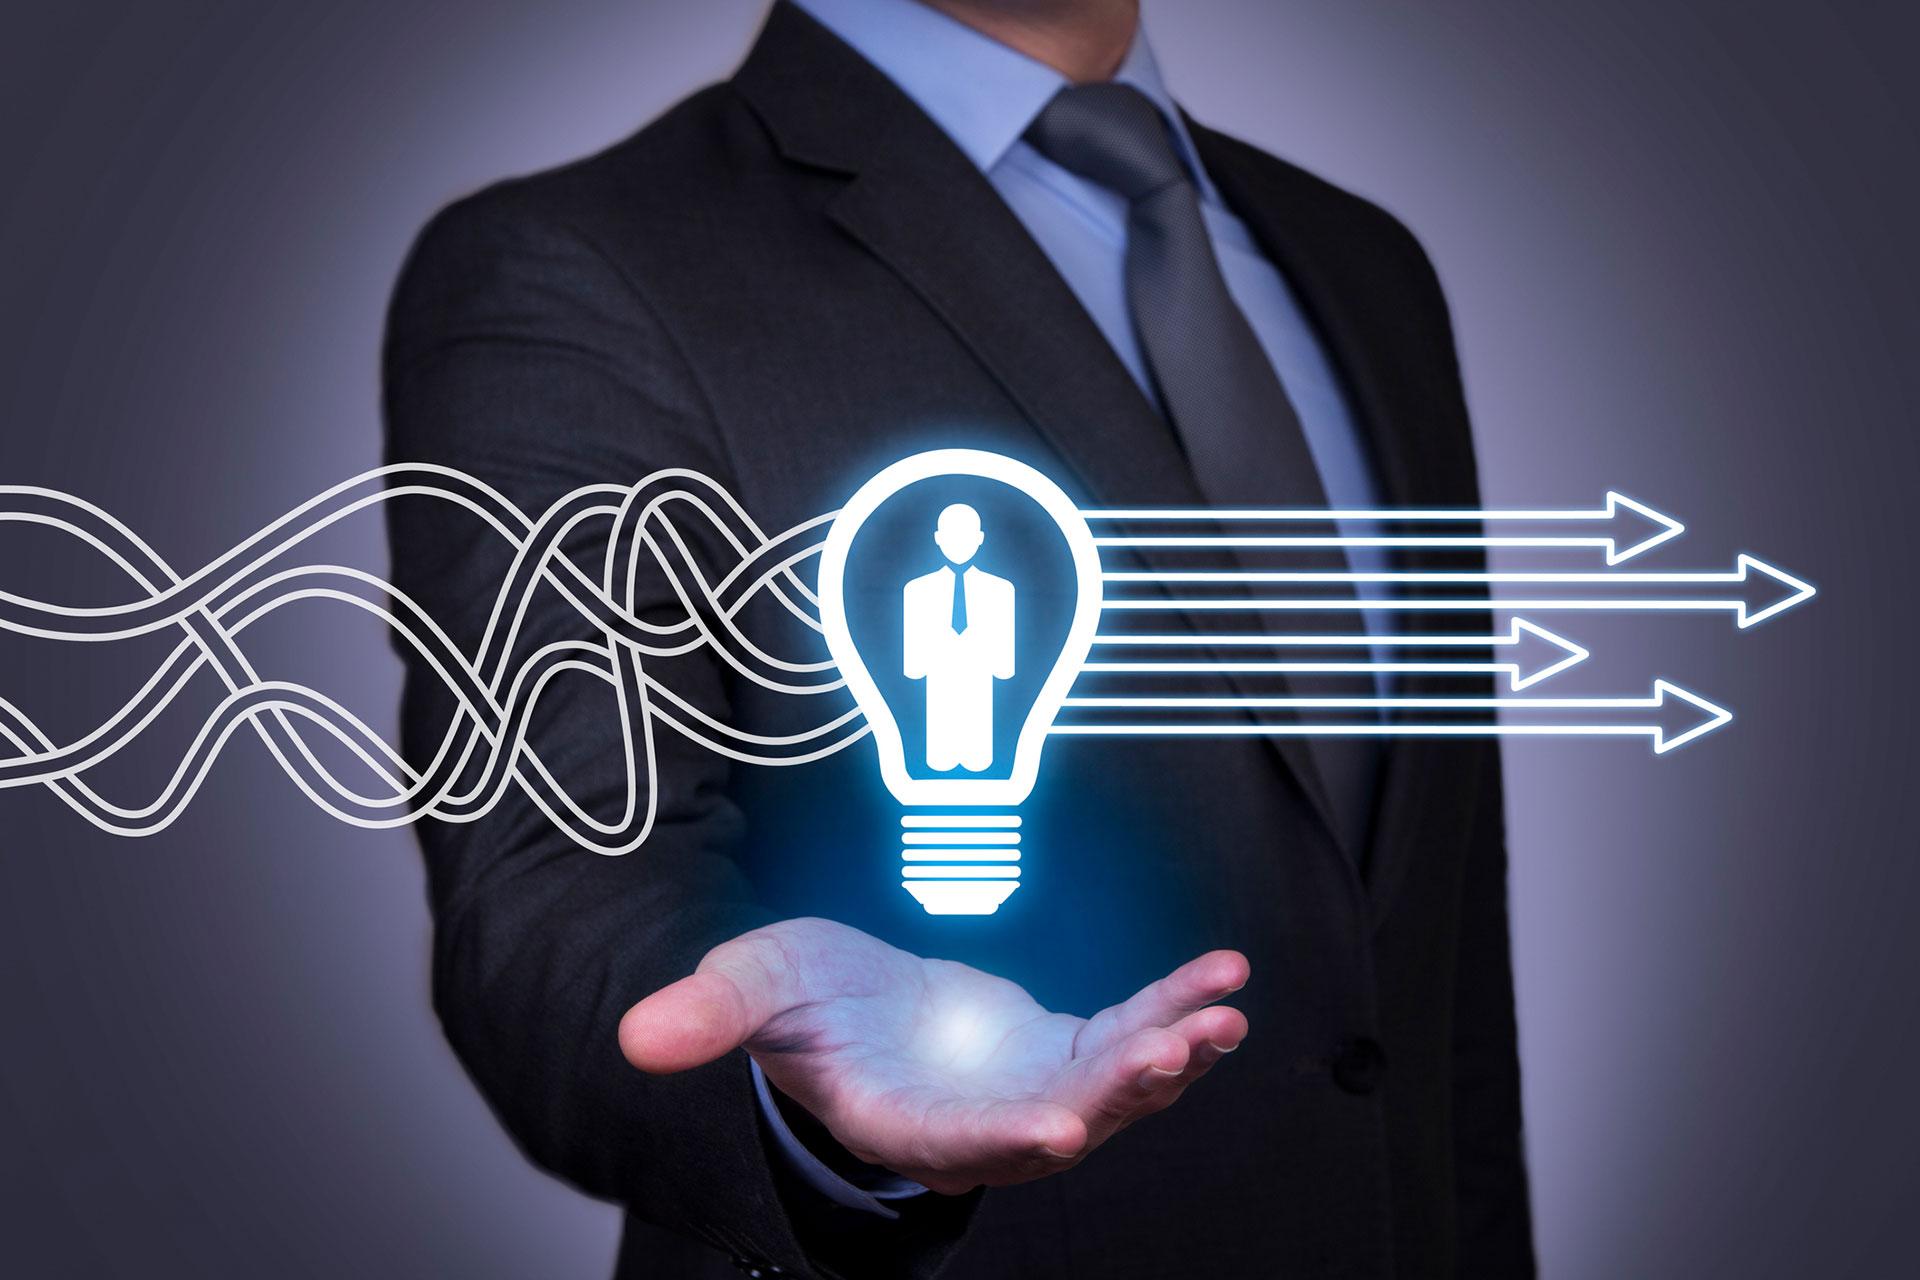 Oberkörper einer Mannes im Anzug der eine digitale Glühbirne in der Hand hält